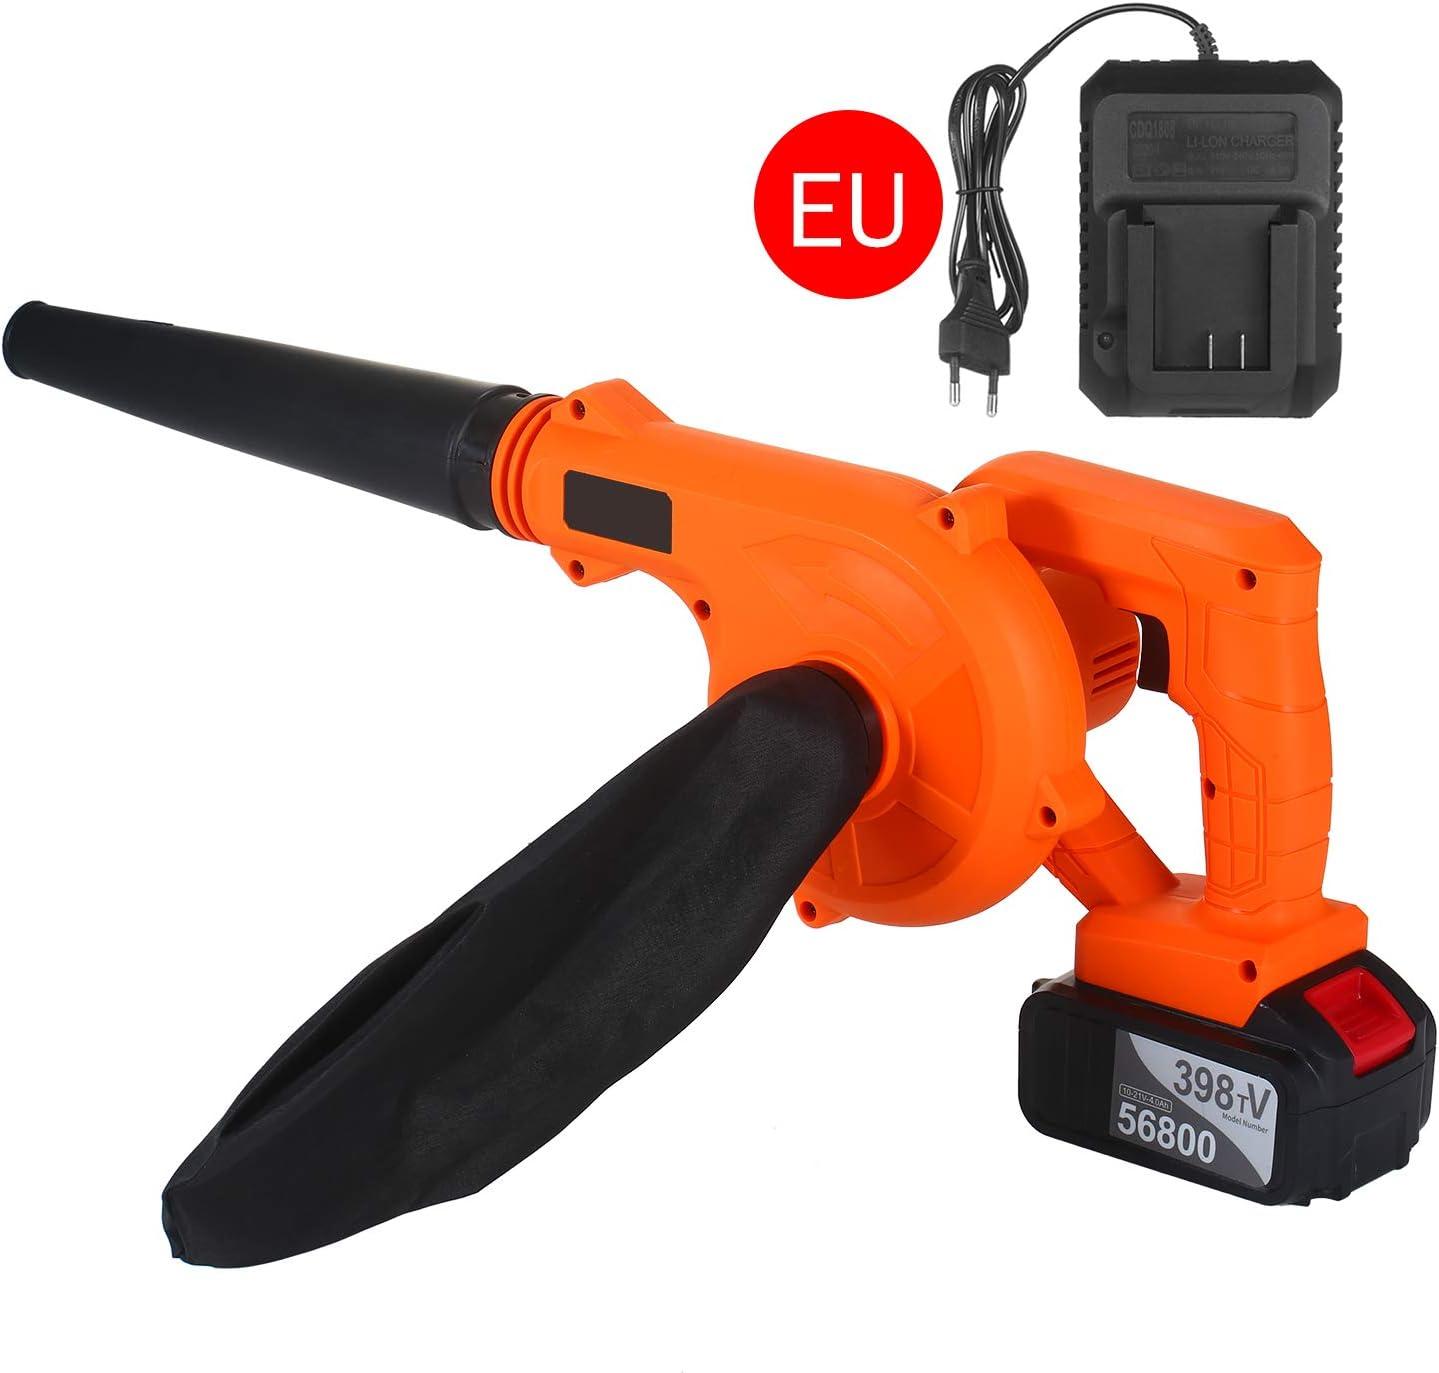 Kecheer Soplador de hojas bateria,Soplador aspirador de hojas electrico, Aspirador jardin bateria 21V 4.0 Ah para coche,jardin: Amazon.es: Bricolaje y herramientas